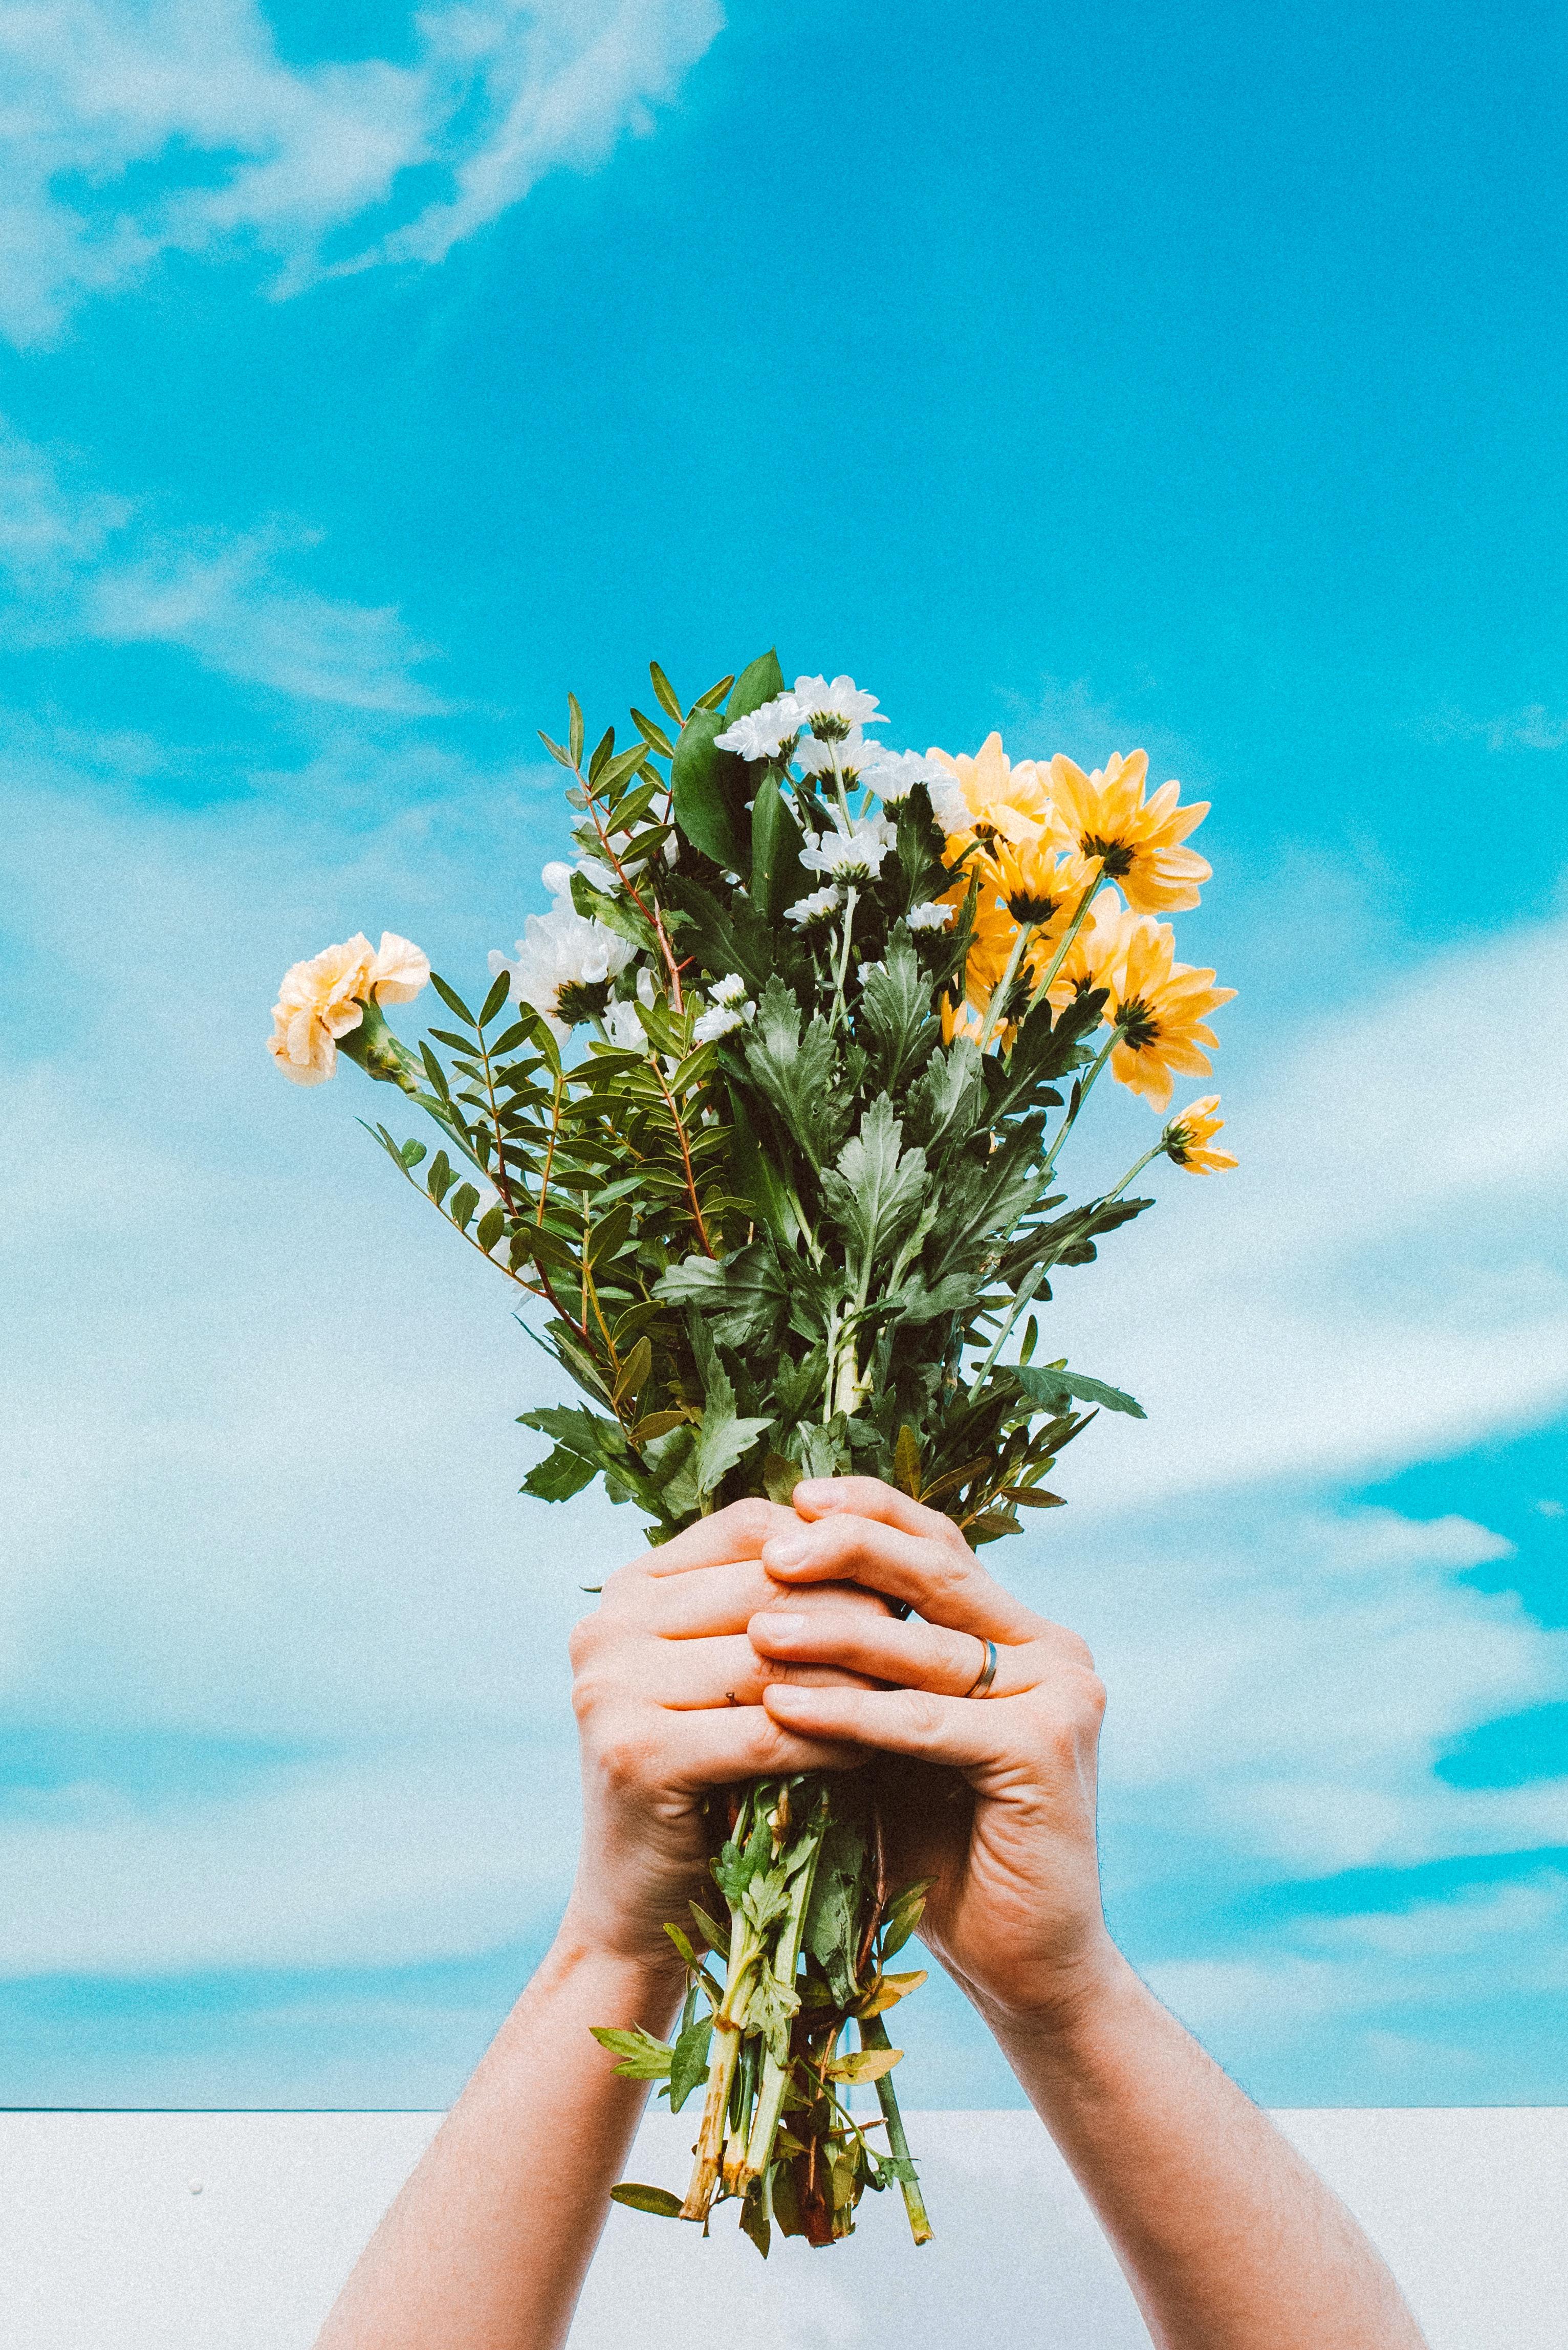 Foto Stok Gratis Tentang Awan Bagus Bunga Bunga